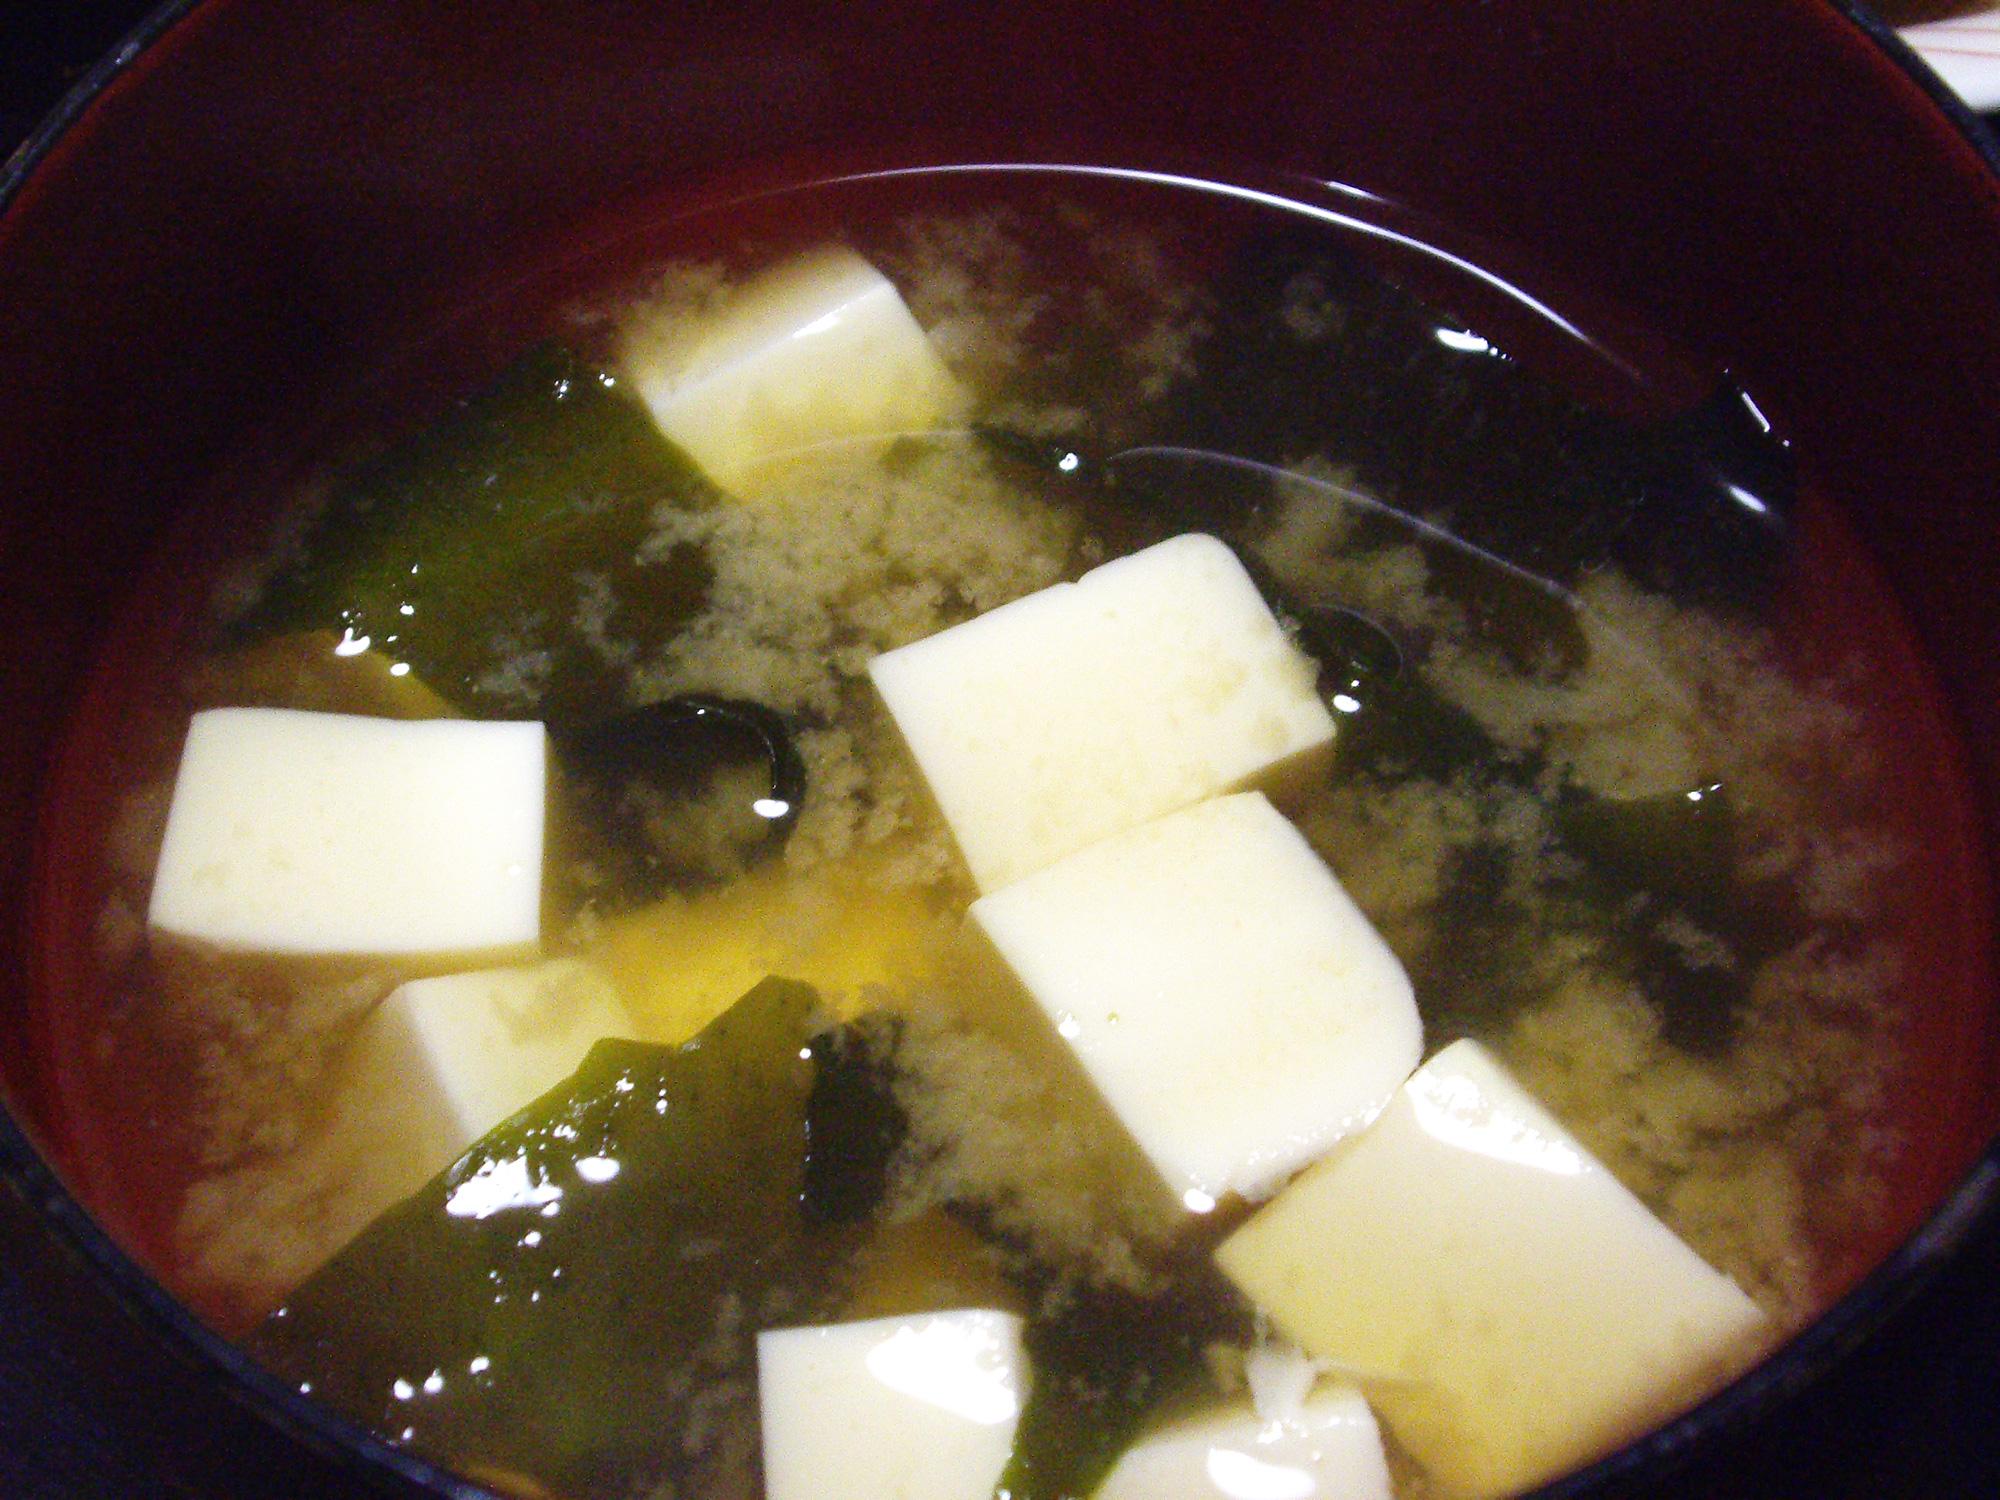 味噌汁の写真のフリー素材